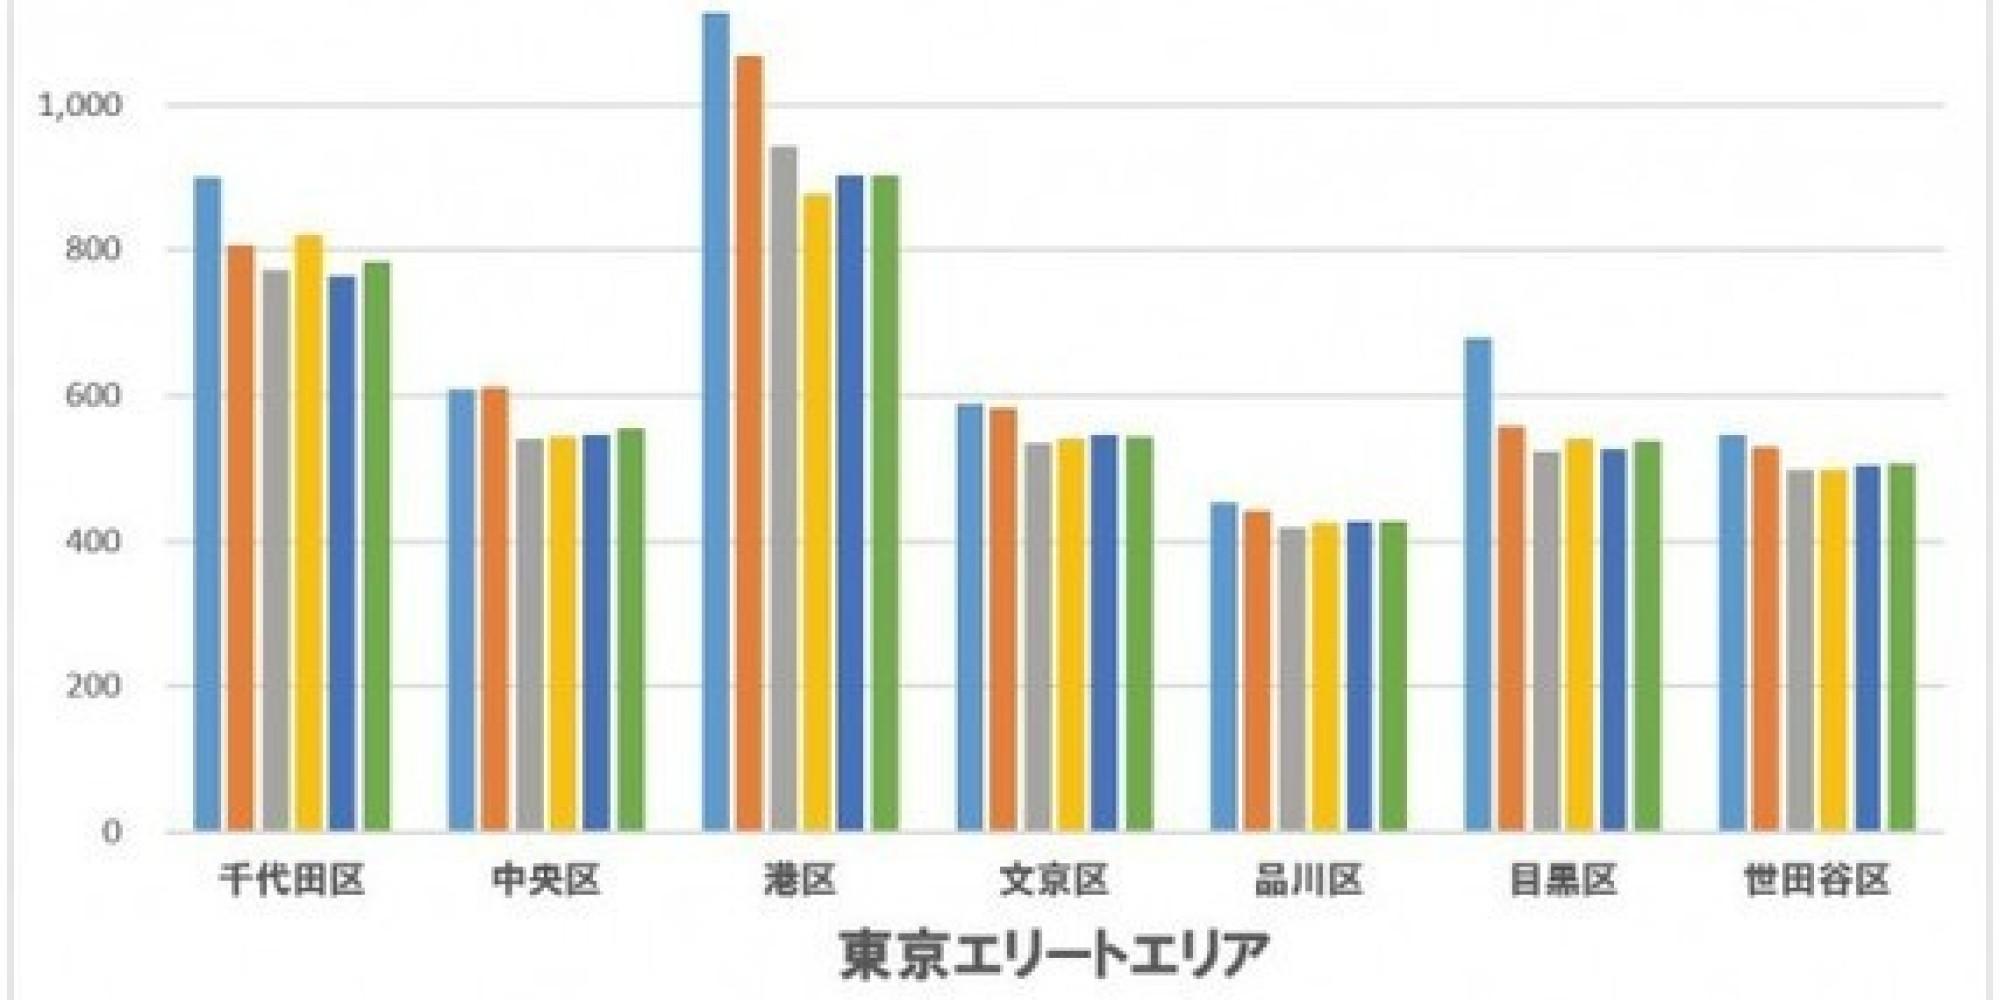 東京23区のうち5年間で平均所得が20%以上も下がった2つの区とは?